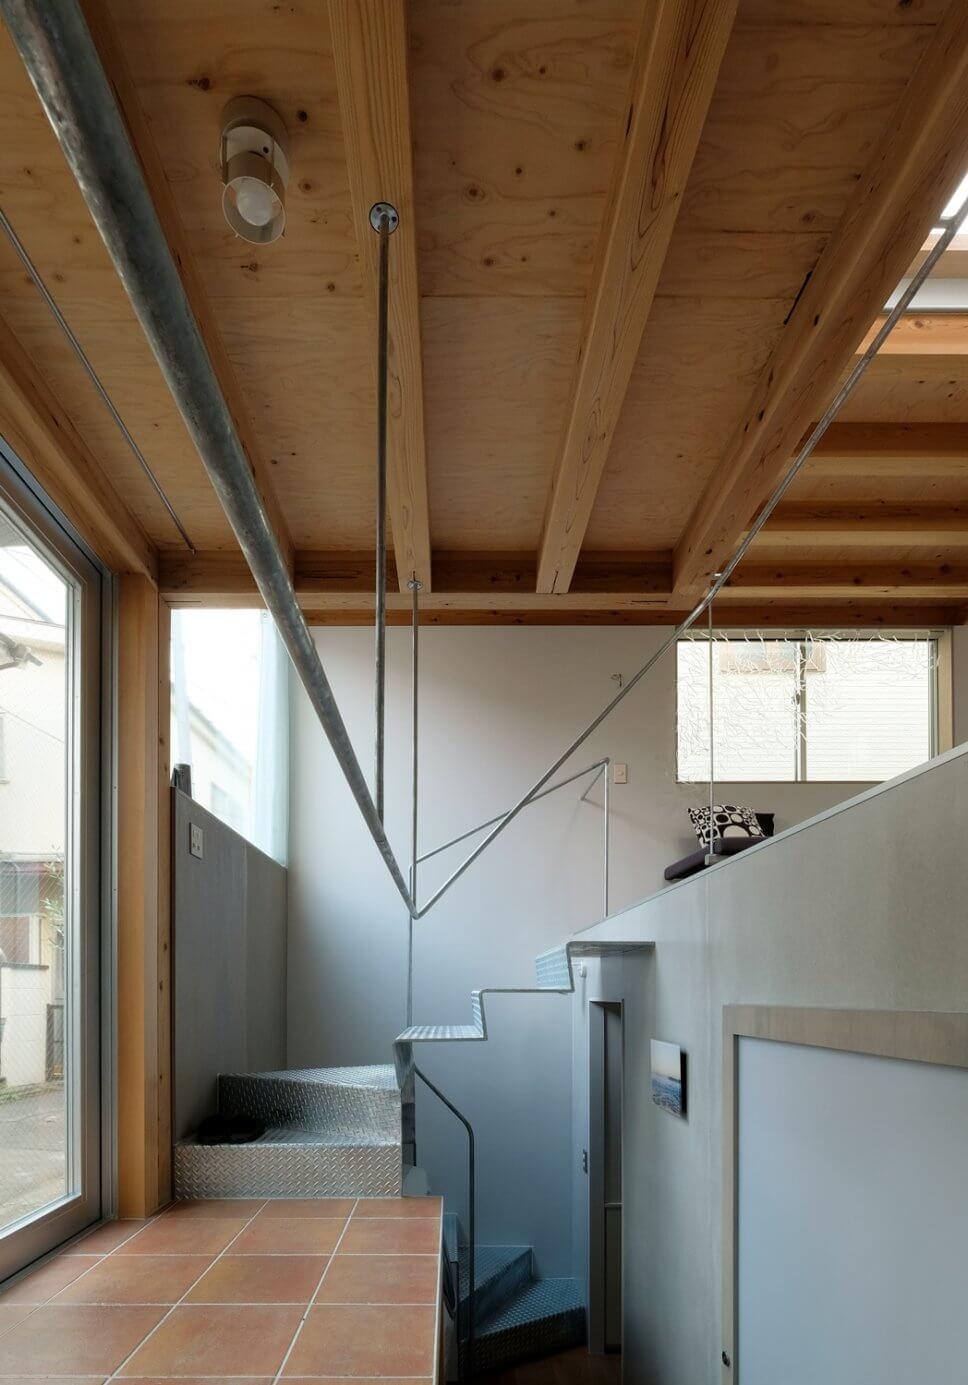 Flur mit Holzbalkendecke in Tiny House in Tokio